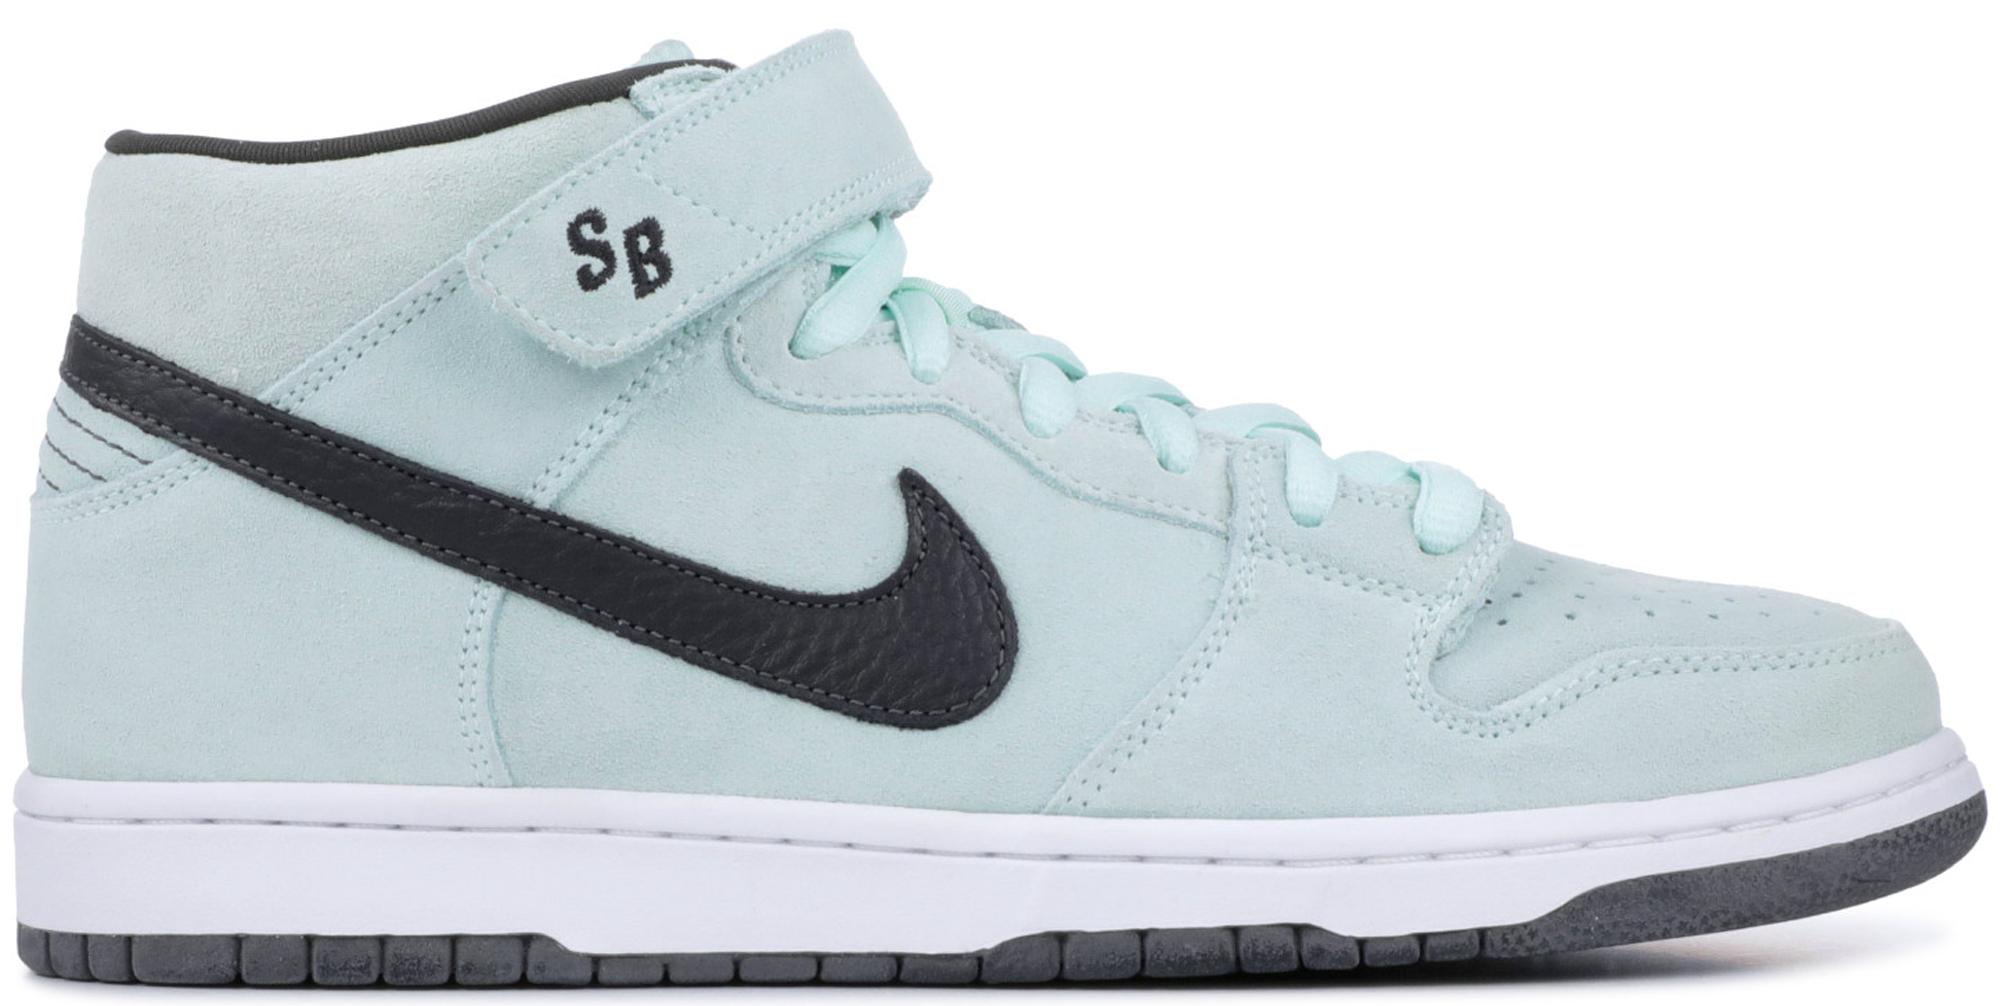 Nike SB Dunk Mid Sea Crystal/Ice Green